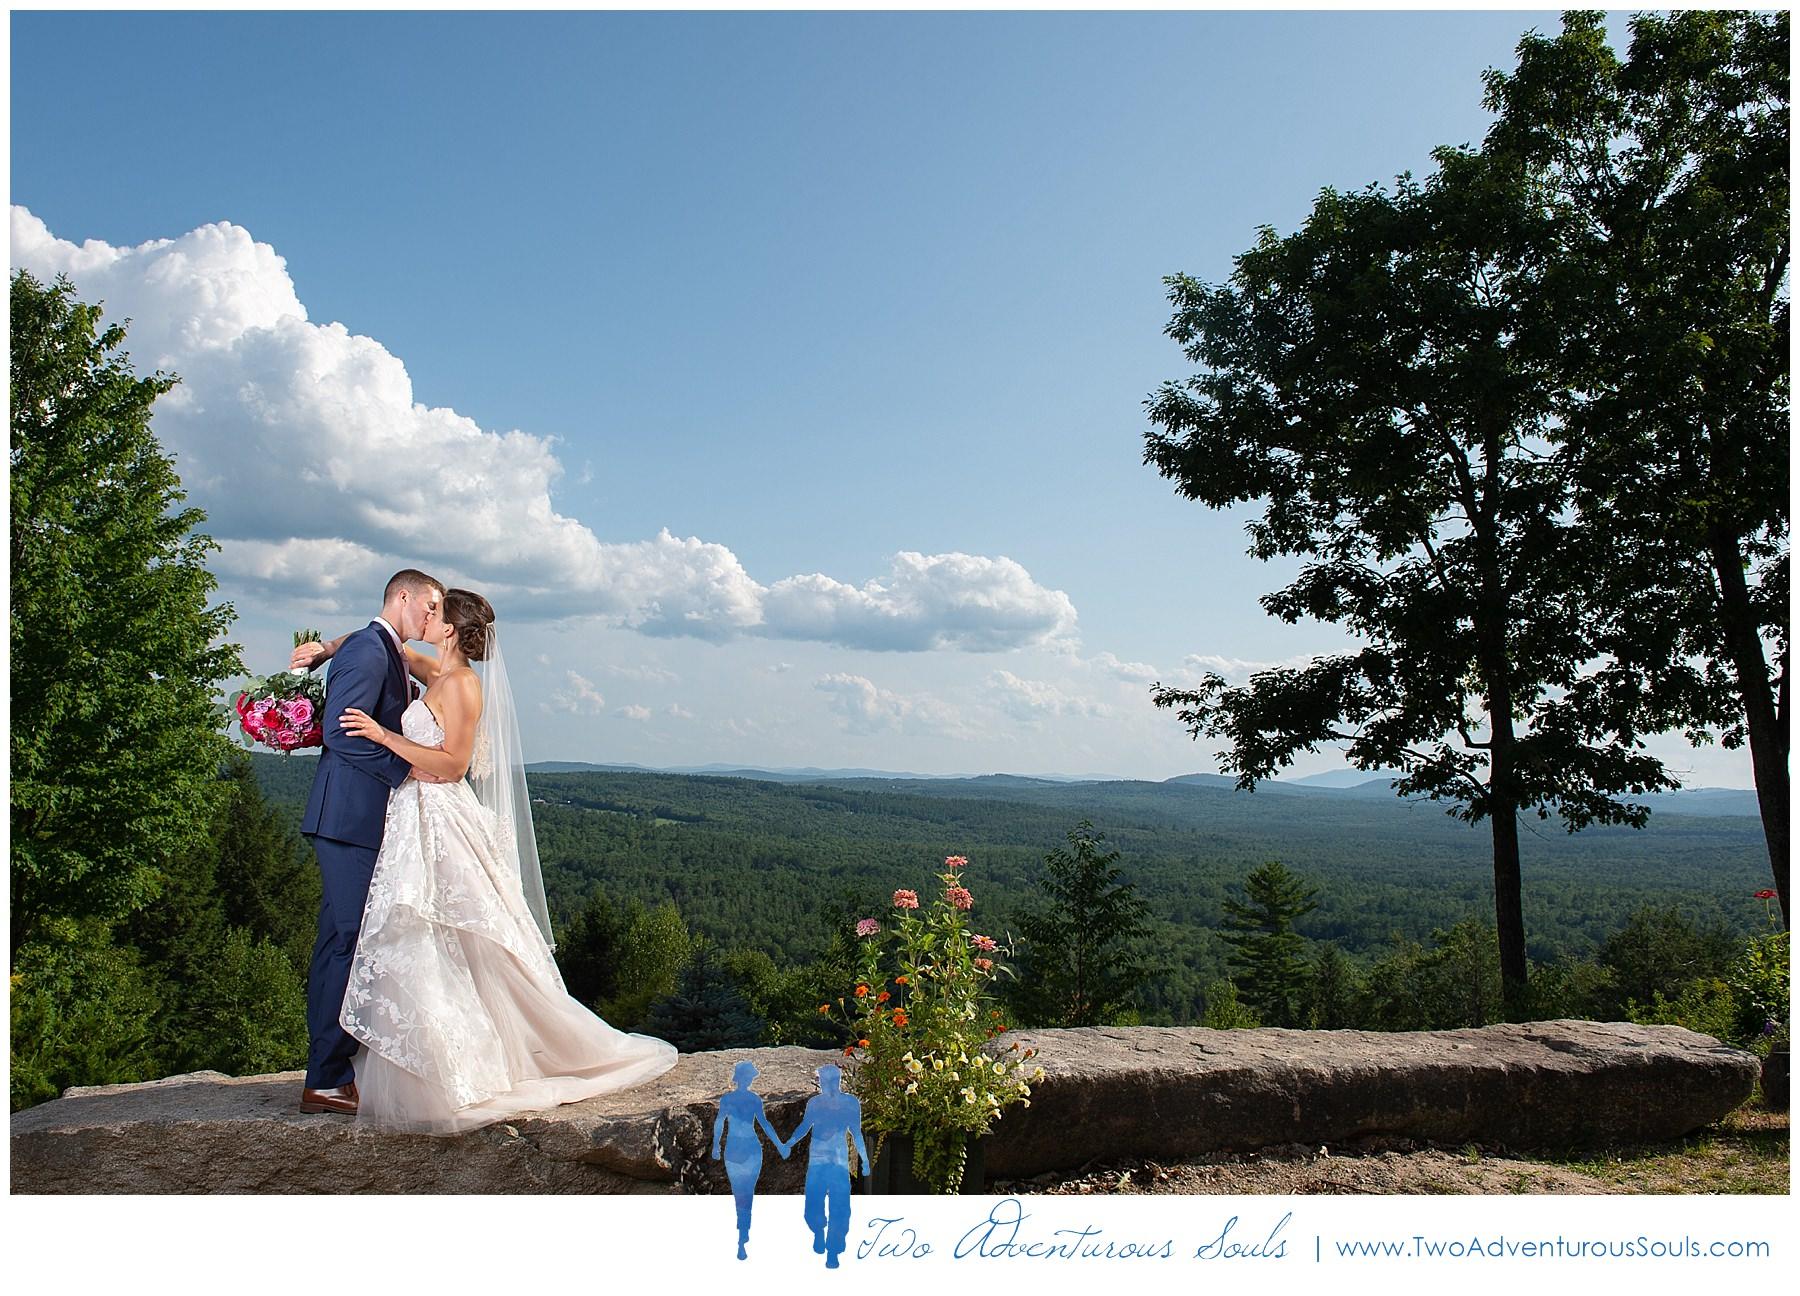 Maine Wedding Photographers, Granite Ridge Estate Wedding Photographers, Two Adventurous Souls - 080319_0052.jpg